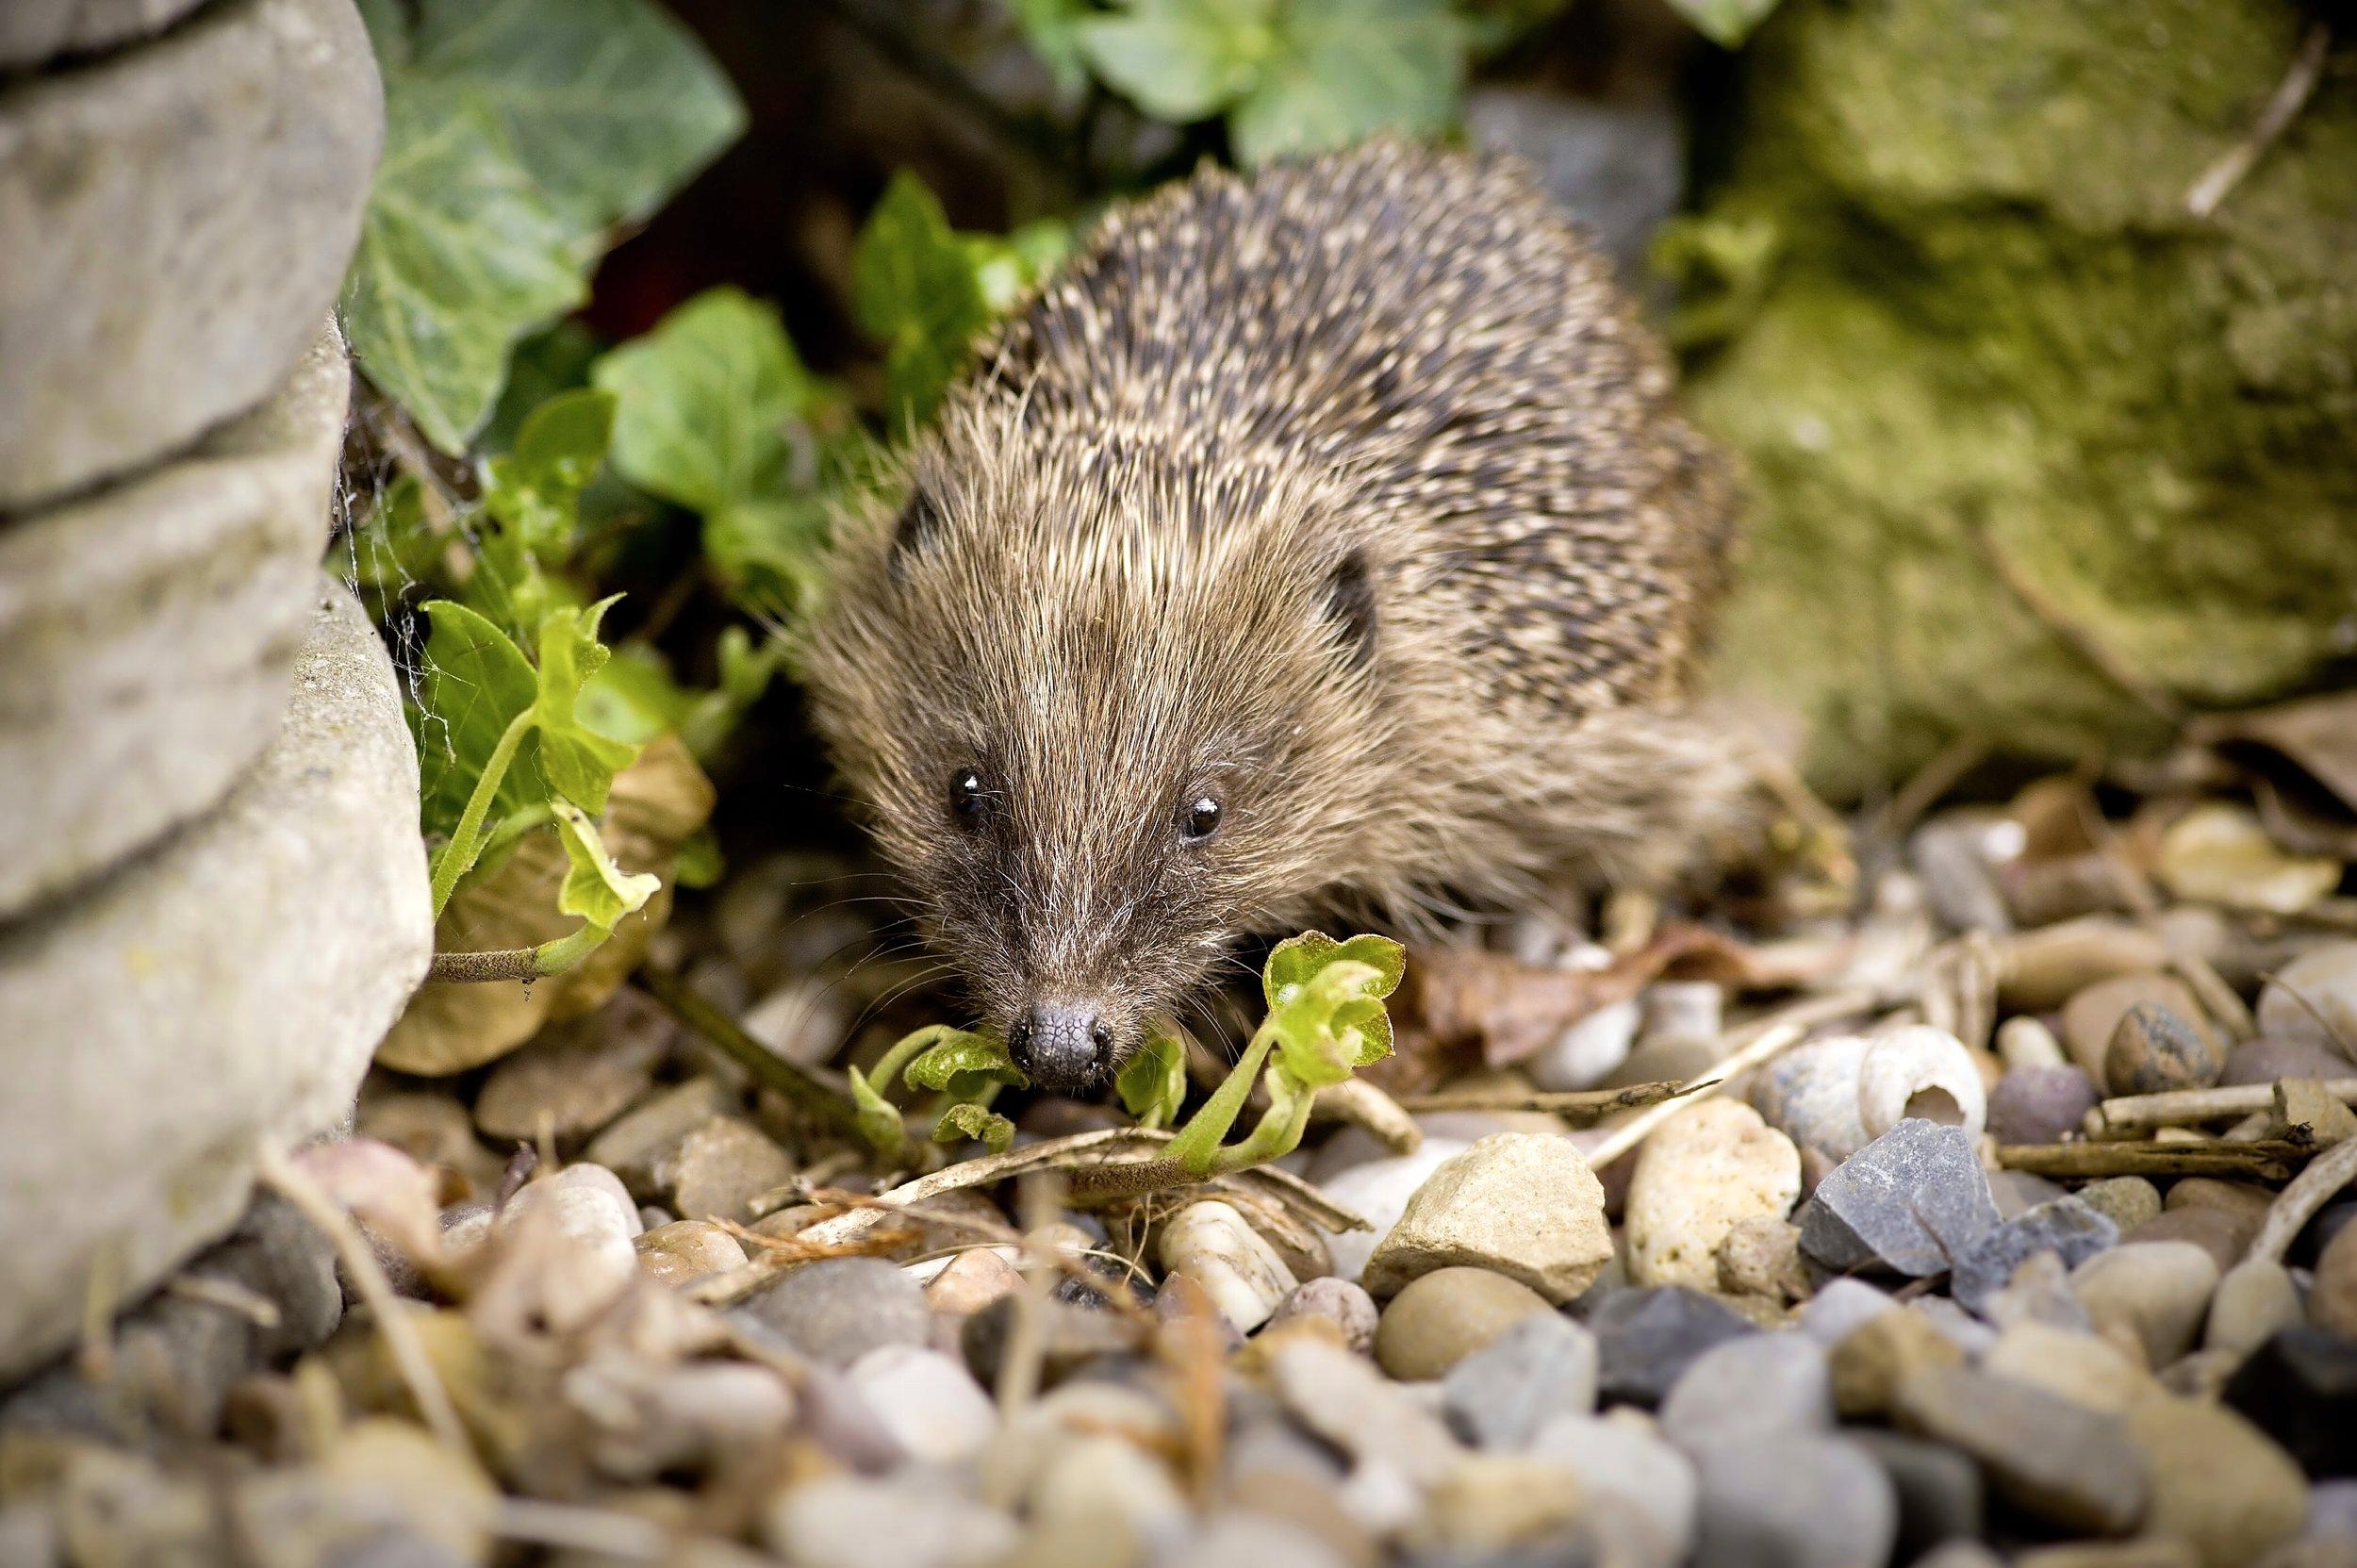 Hedgehog heroes